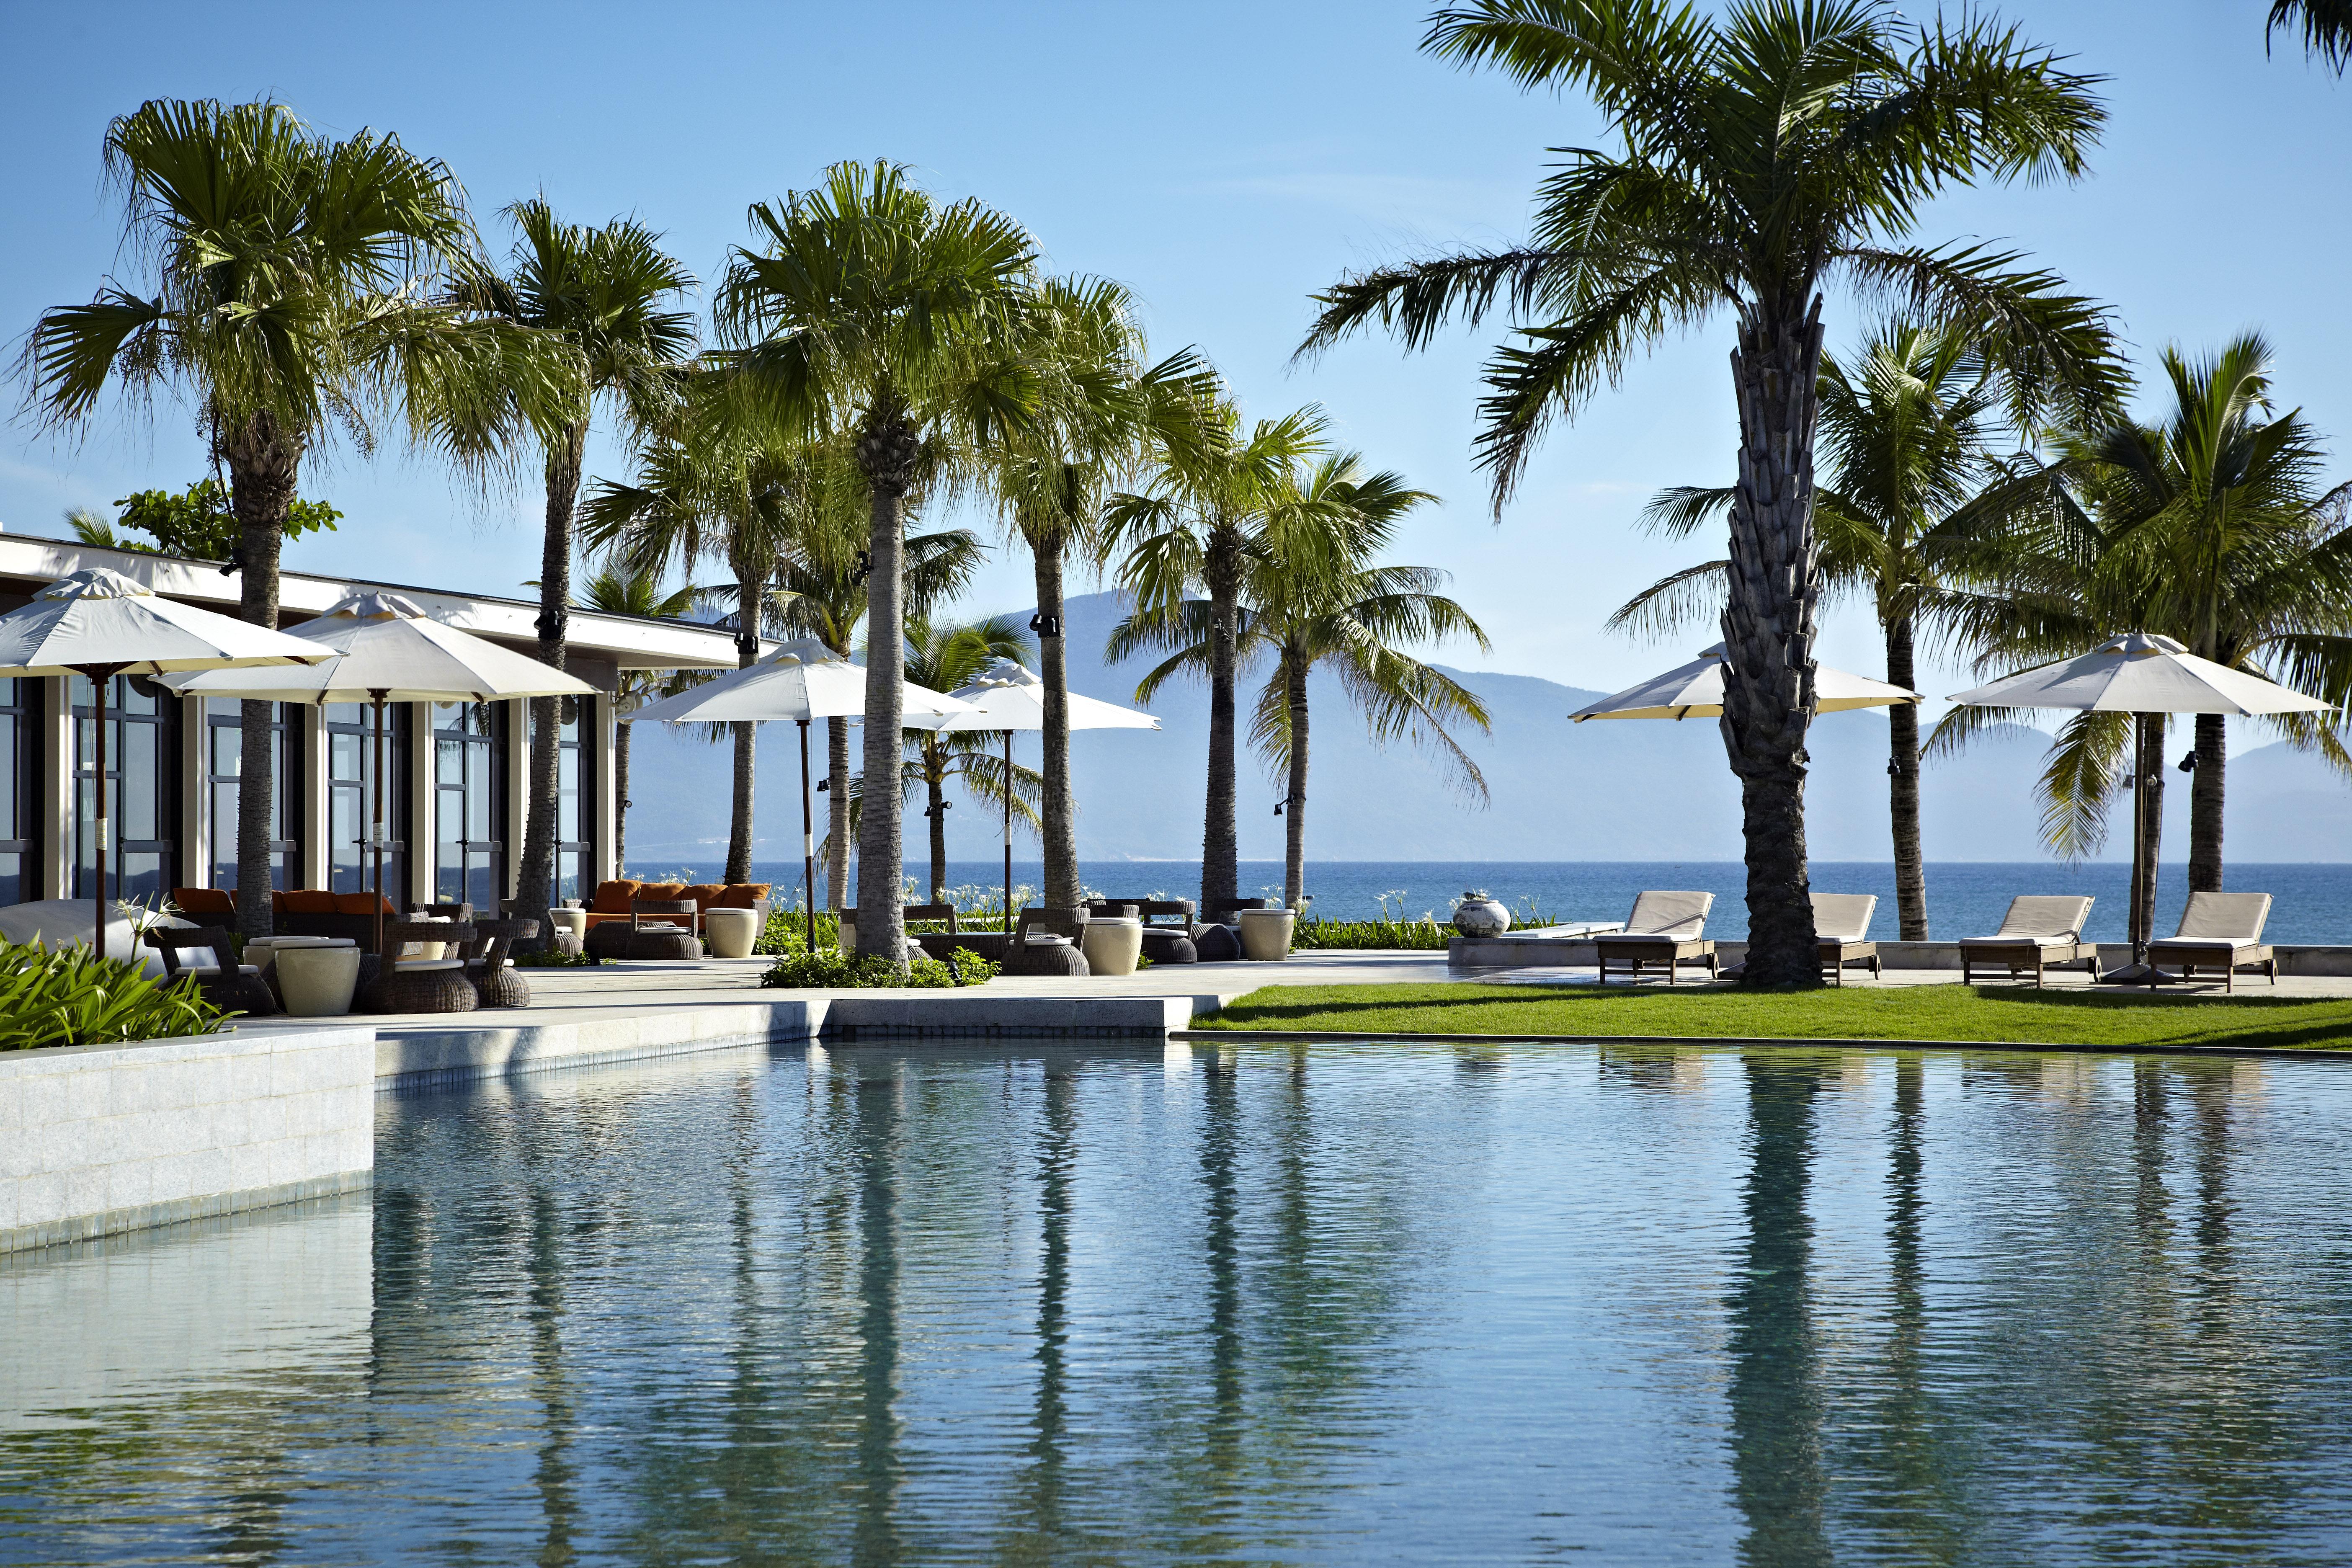 Hyatt Regency Đà Nẵng Resort & Spa: Khu nghỉ dưỡng xuất sắc nhất thế giới ở Việt Nam